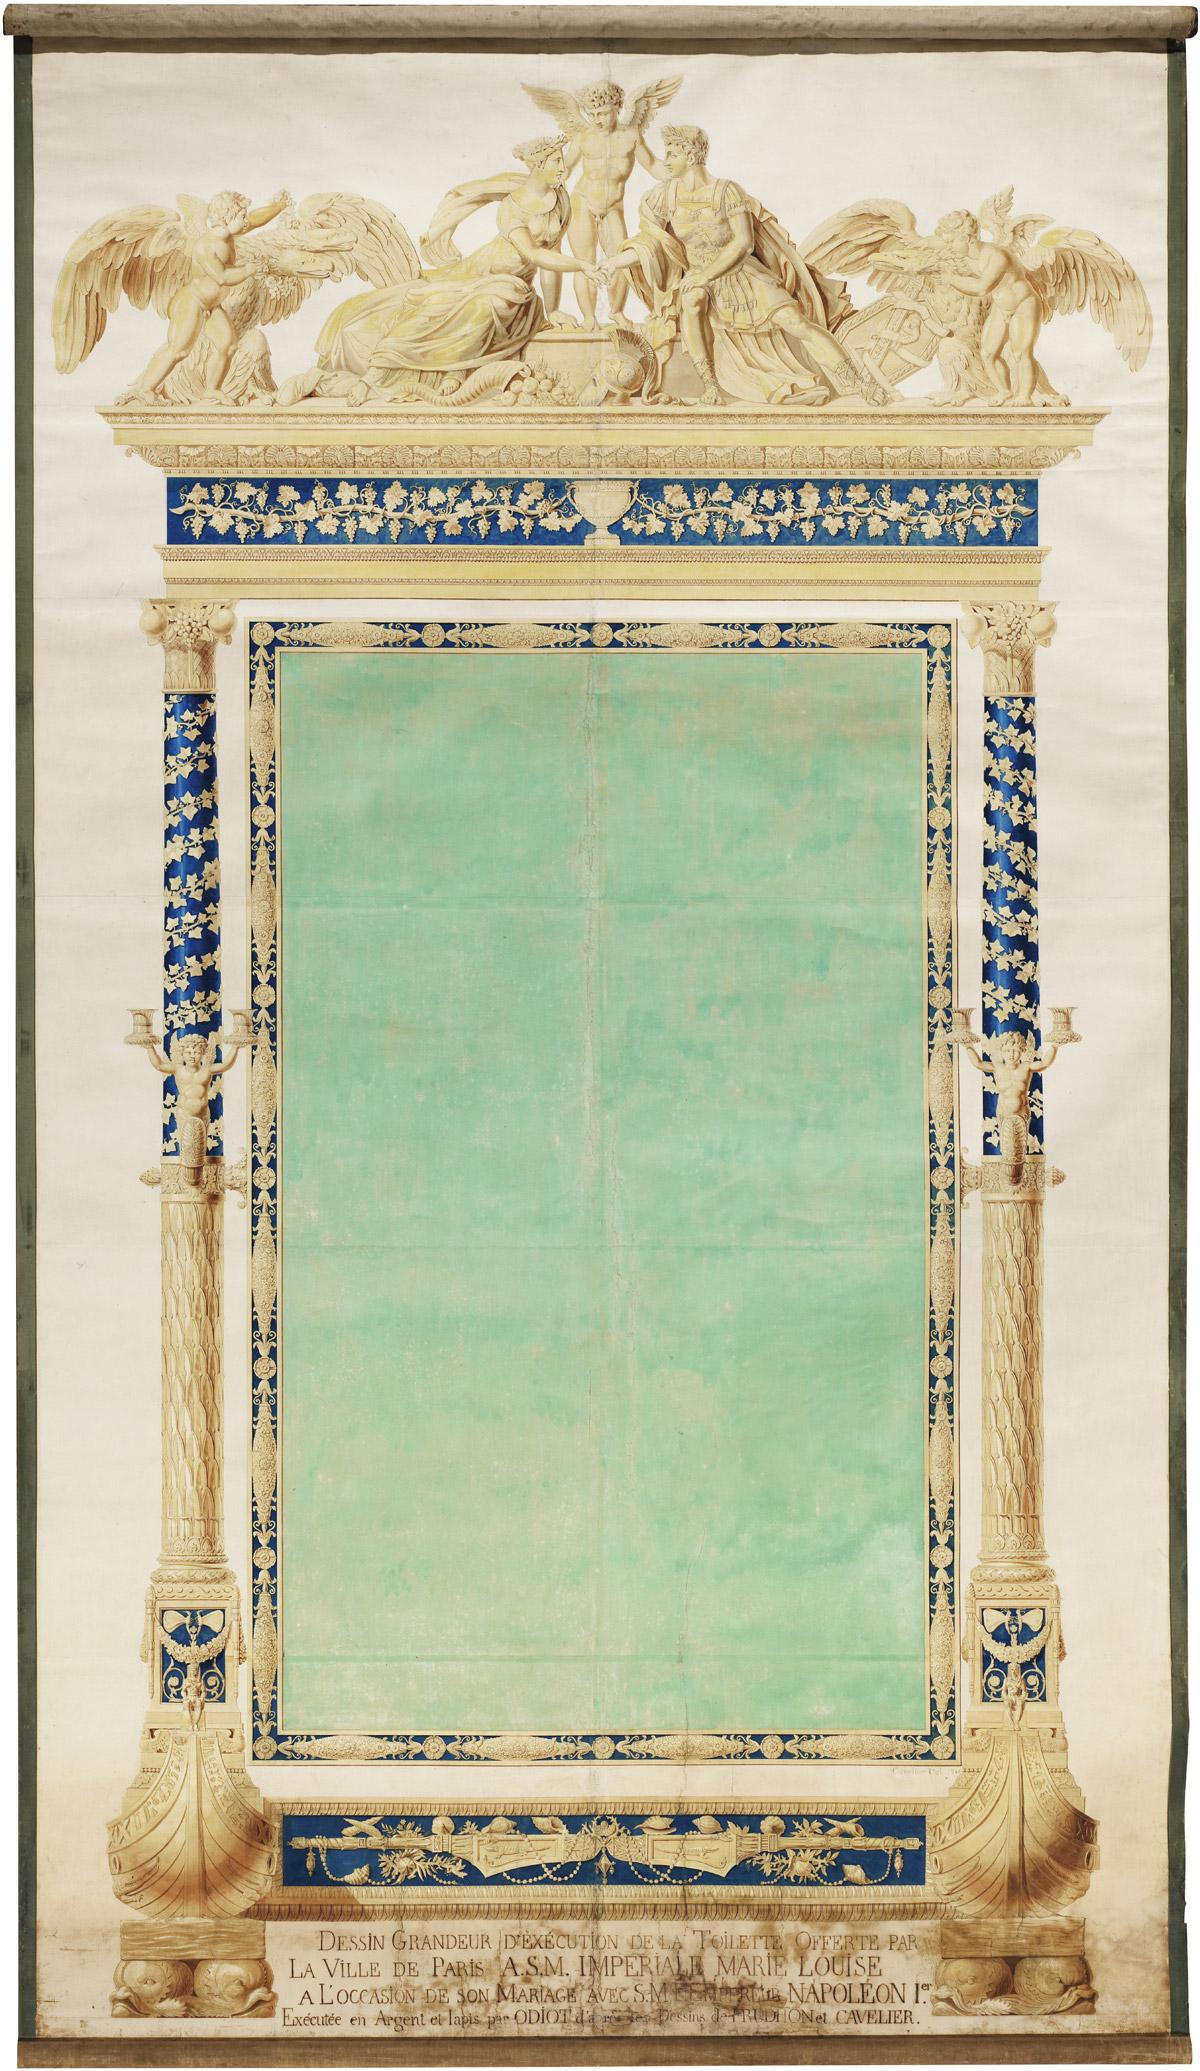 Carton à grandeur de la psyché de l'impératrice Marie-Louise - Patrimoine Charles-André COLONNA WALEWSKI, en ligne directe de Napoléon